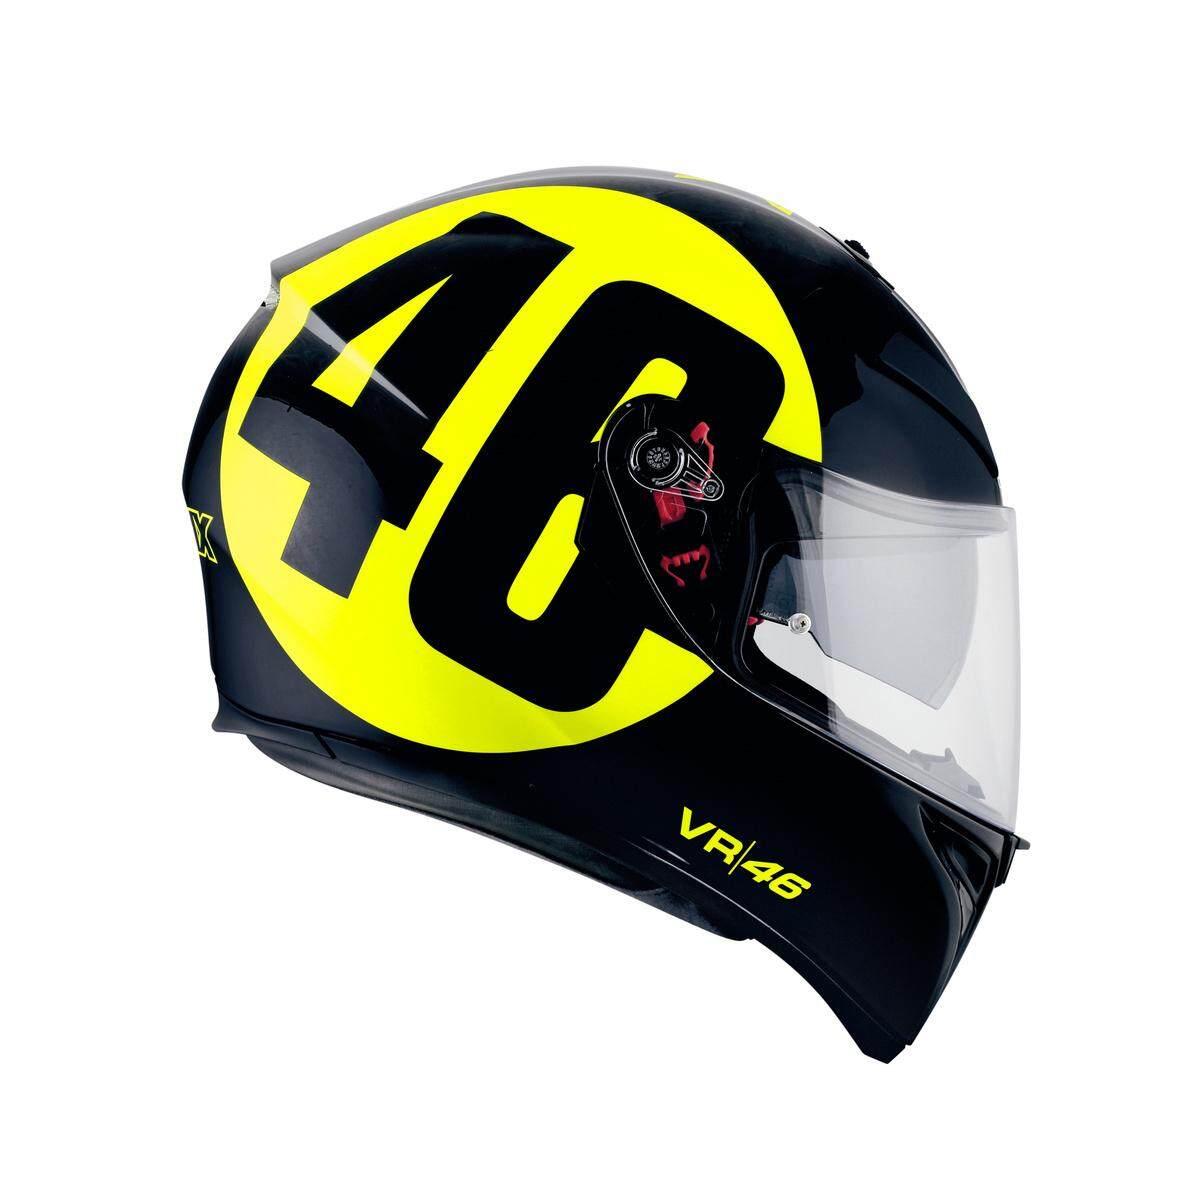 หมวกกันน็อค AGV รุ่น K3-SV สินค้านำเข้า 100% มีแว่นกันแดด ถอดนวมซักได้ รับรองบลูทูธ มีสปอยเลอร์